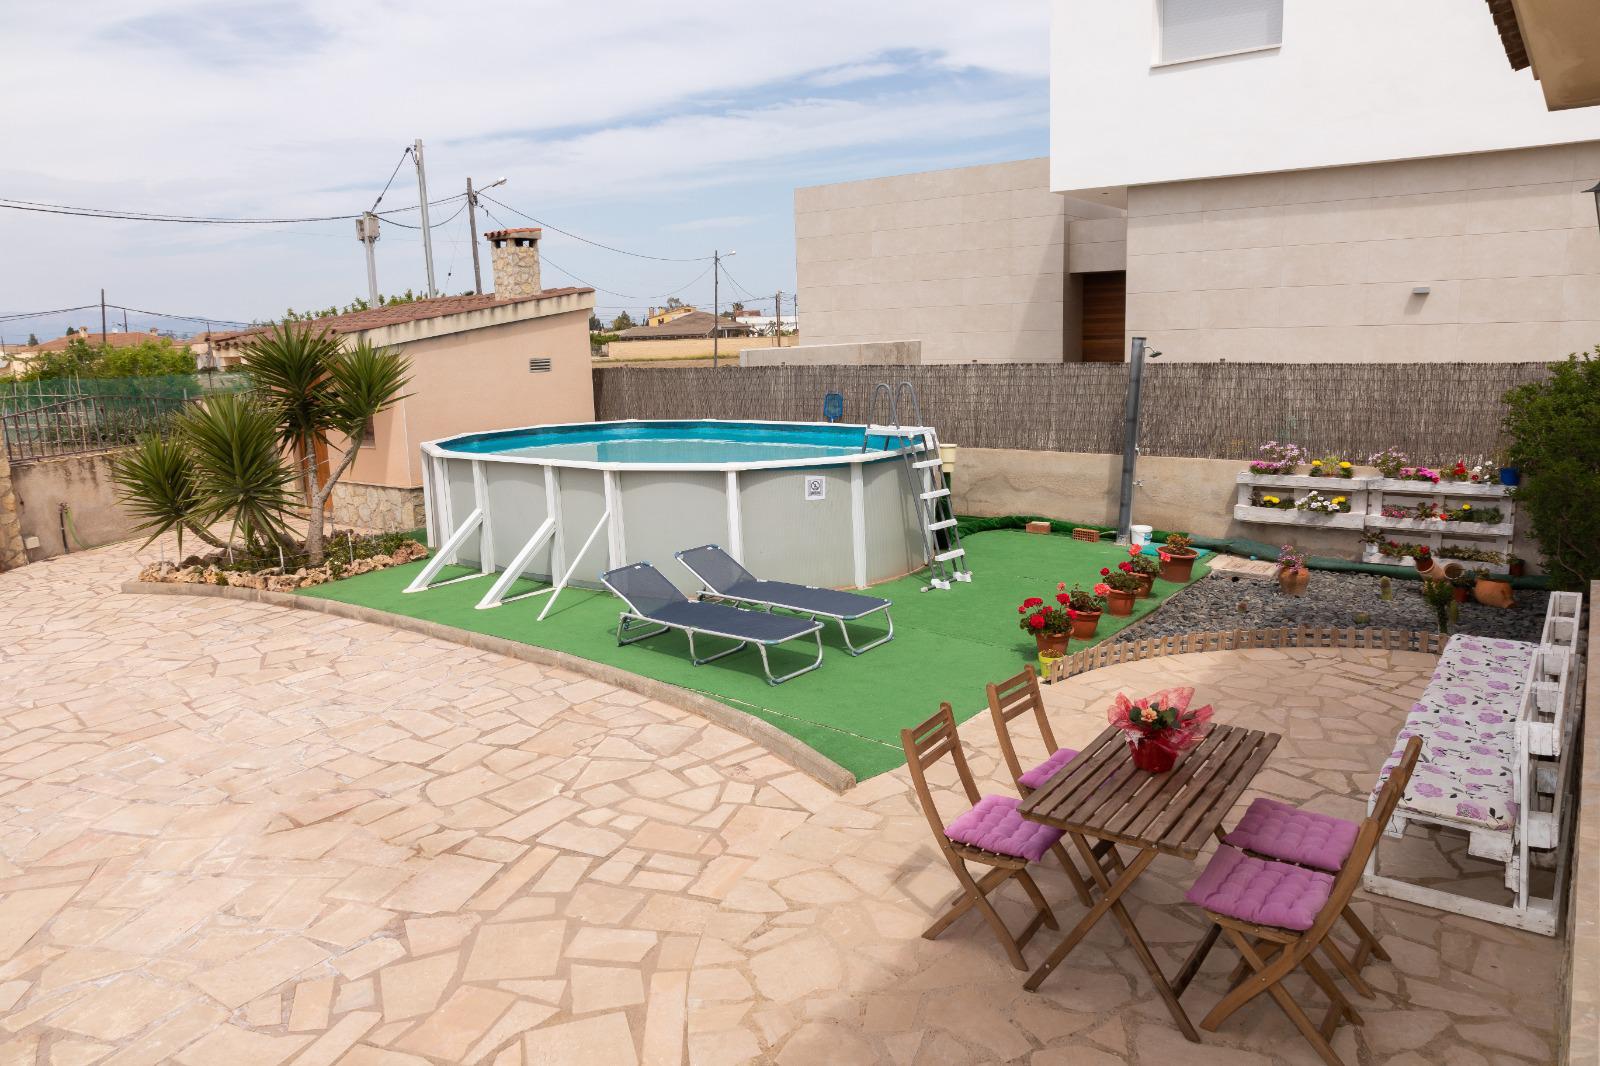 Casa adosada -                                       Deltebre -                                       3 dormitorios -                                       5 ocupantes